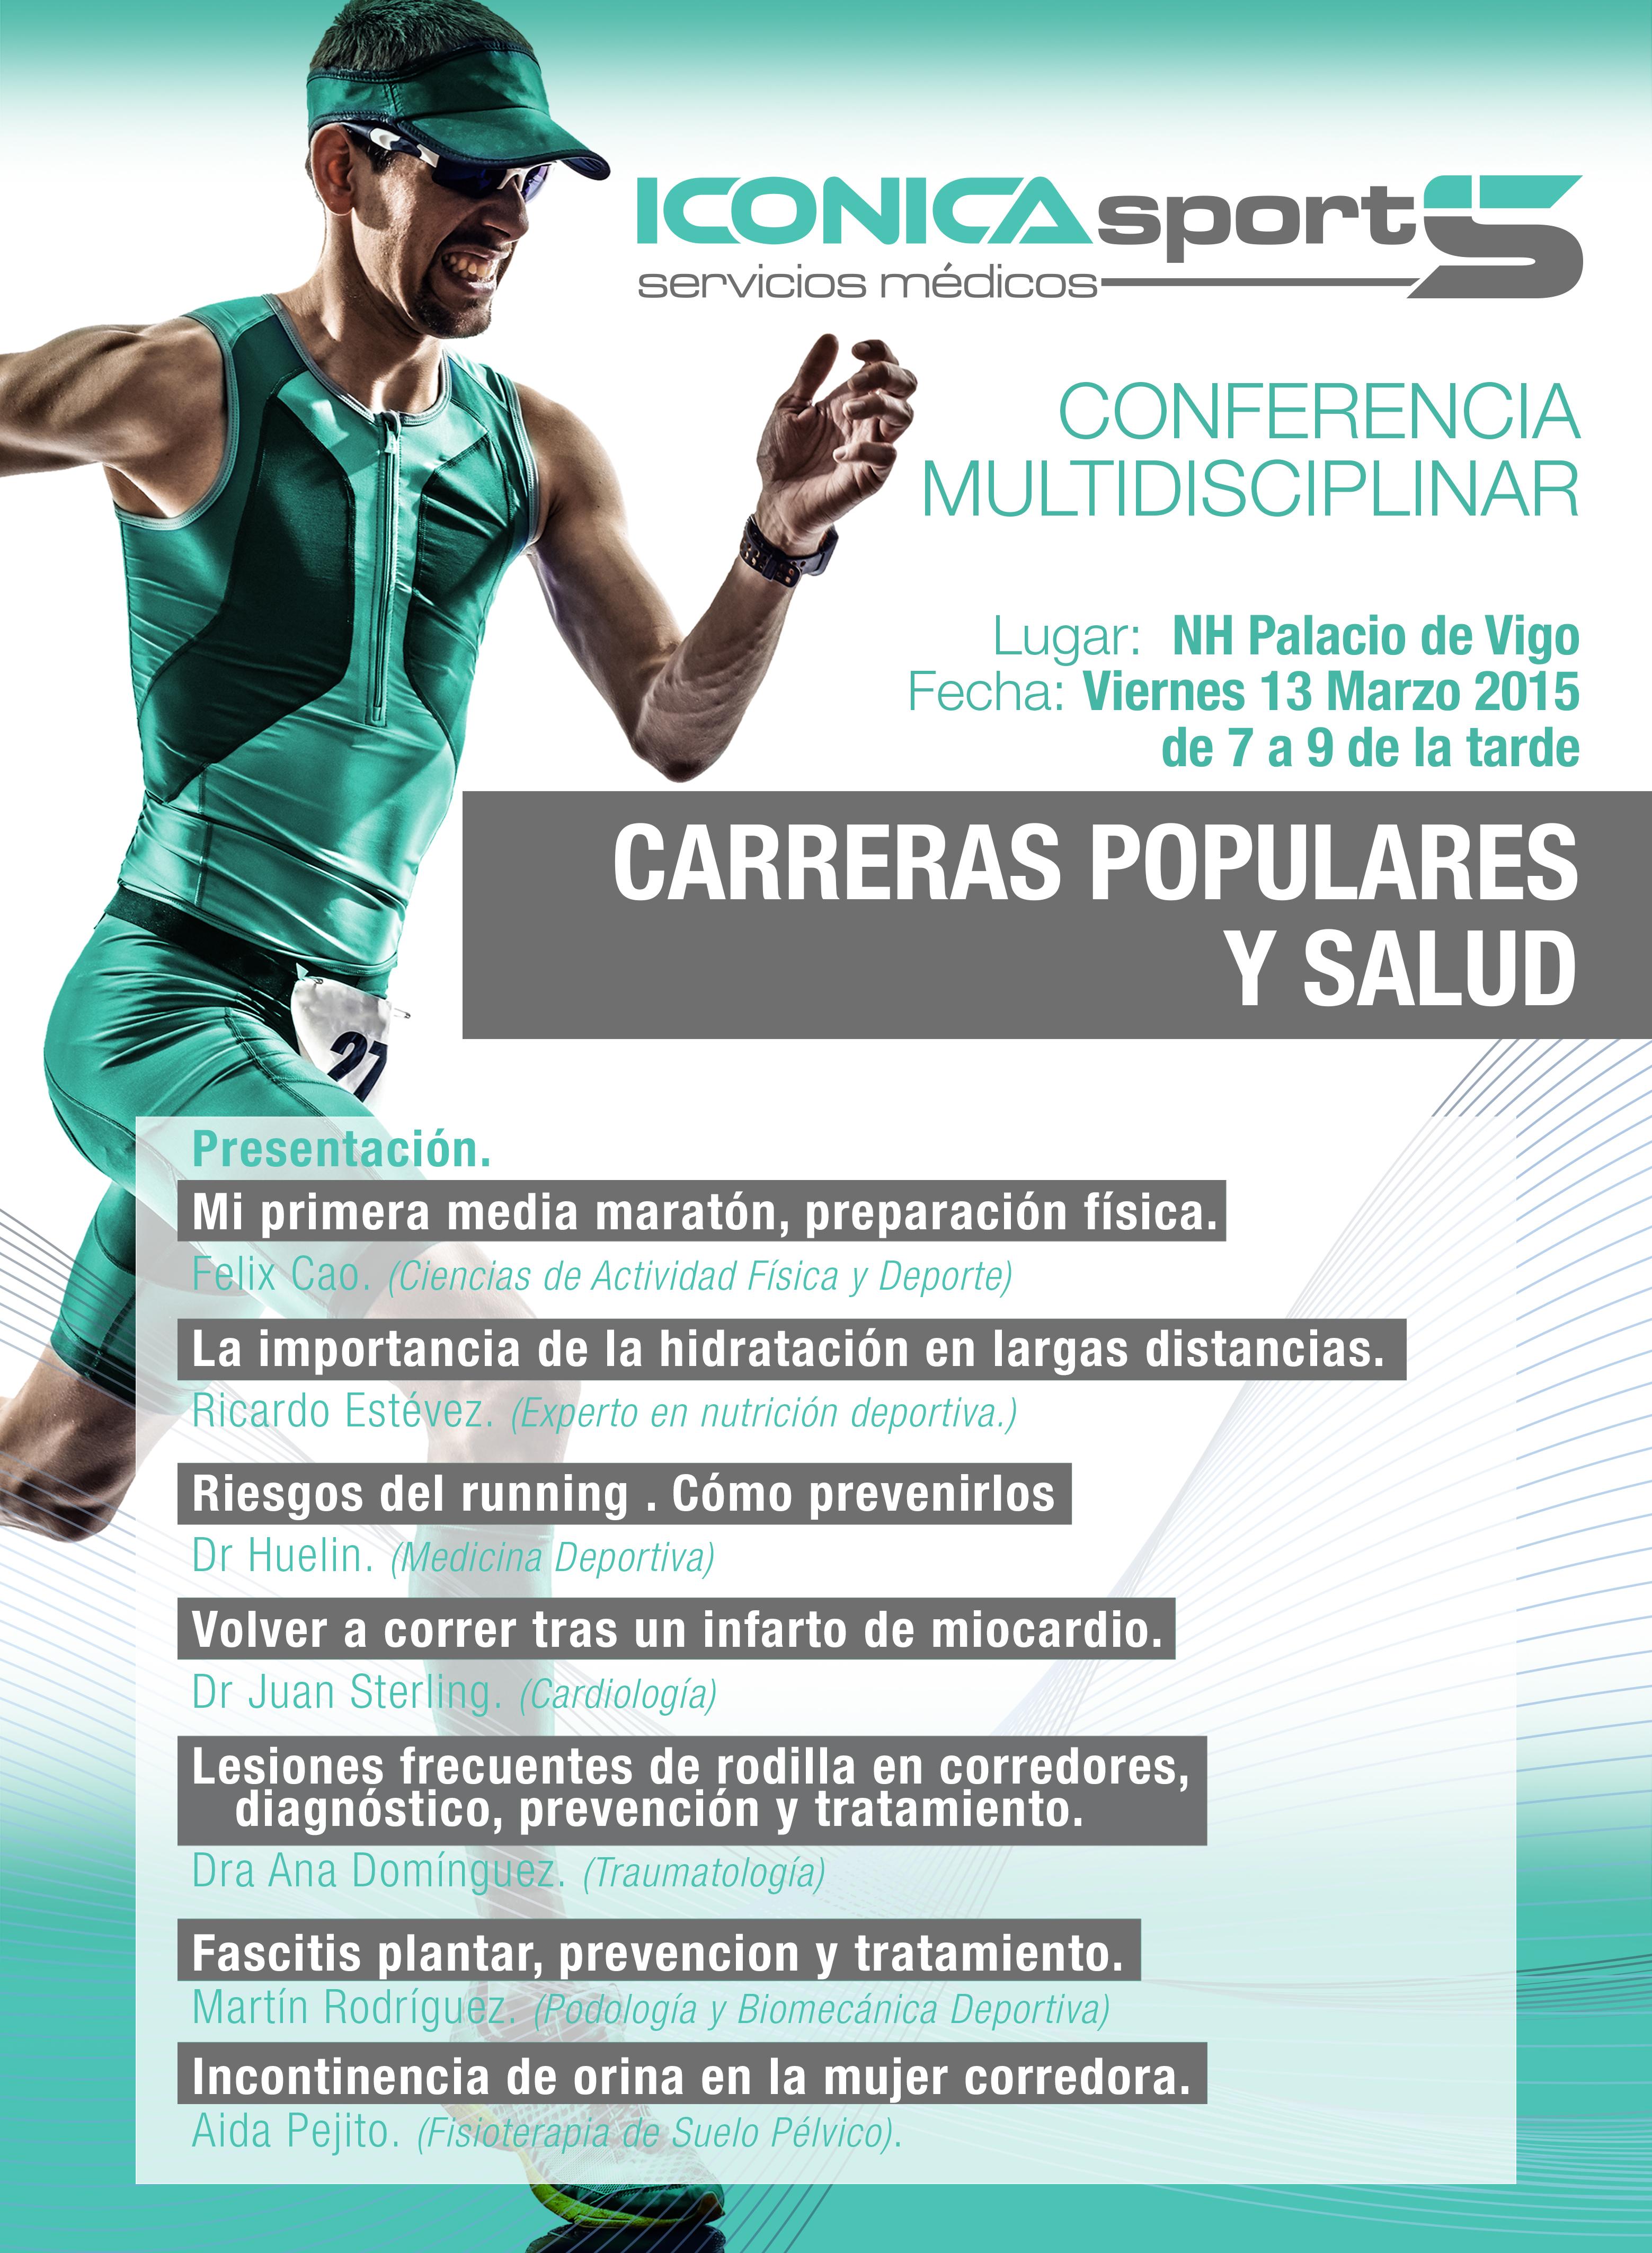 CARRERAS POPULARES Y SALUD. CONFERENCIA MULTIDISCIPLINAR